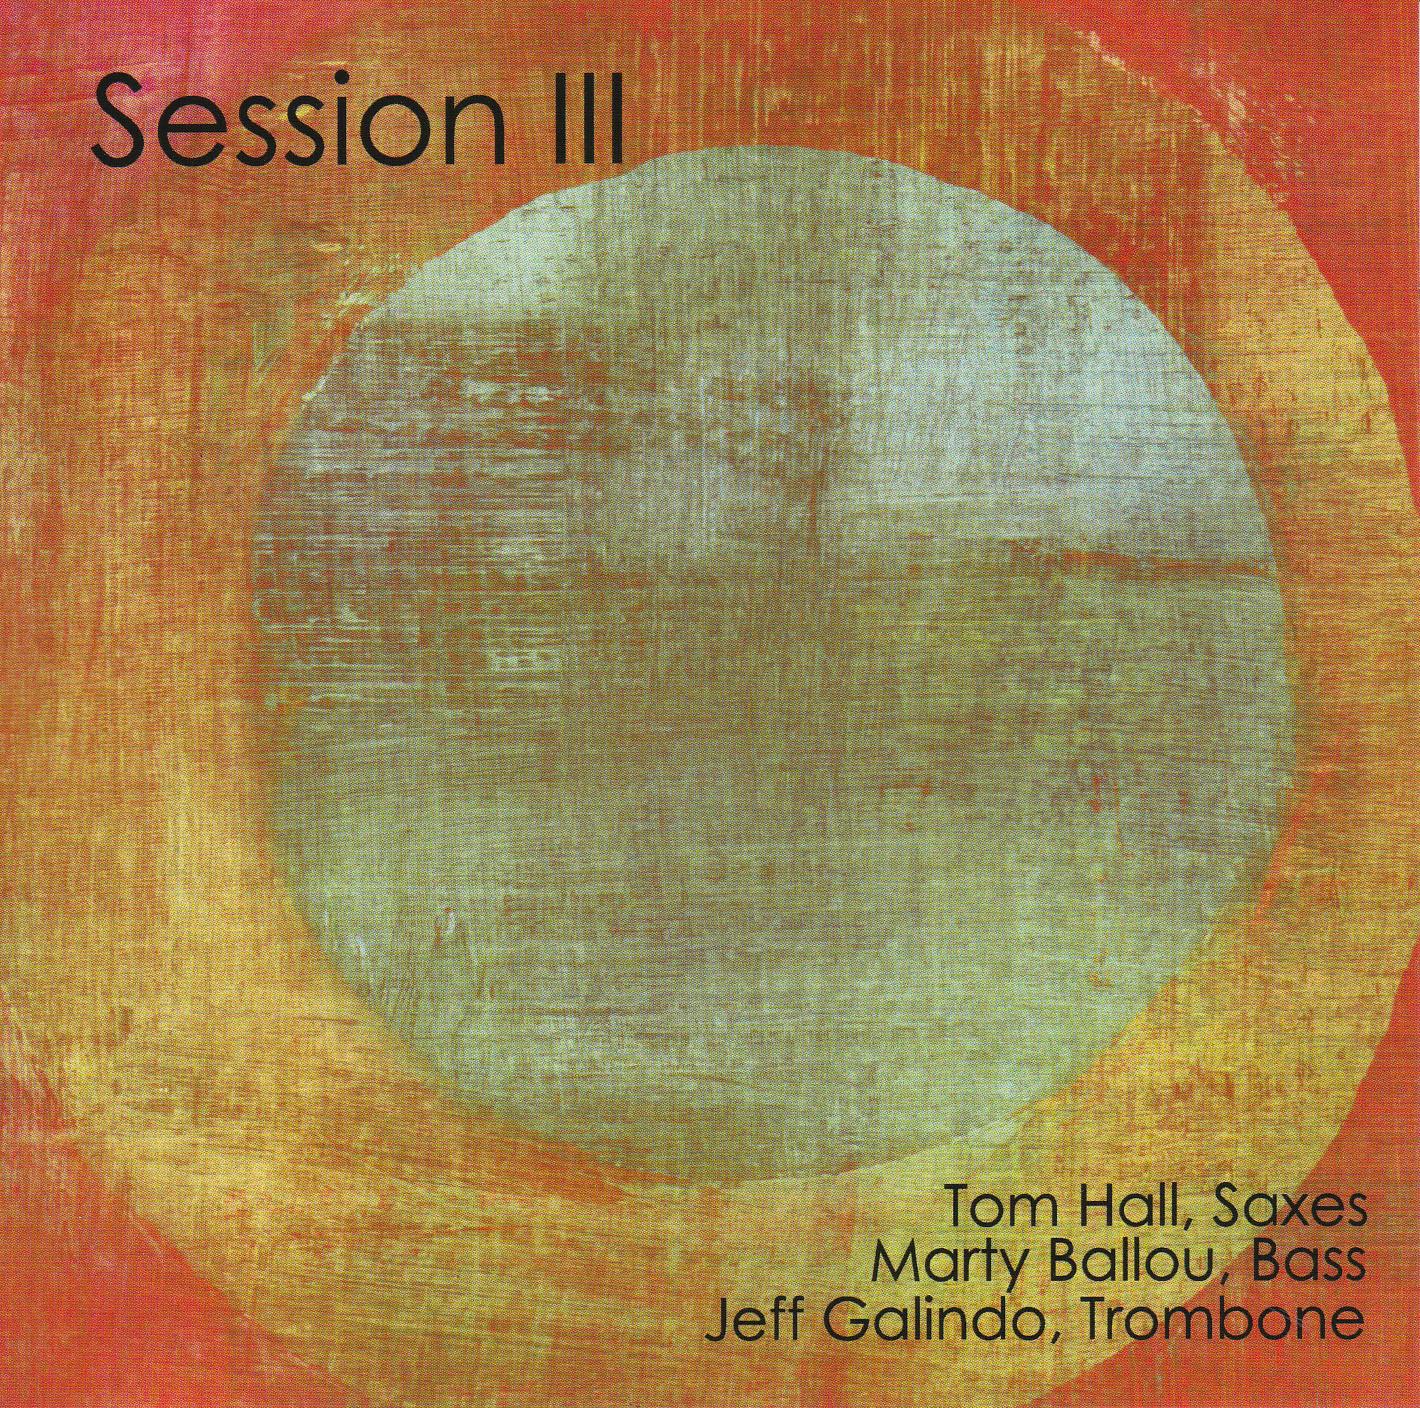 Session III - Tom Hall